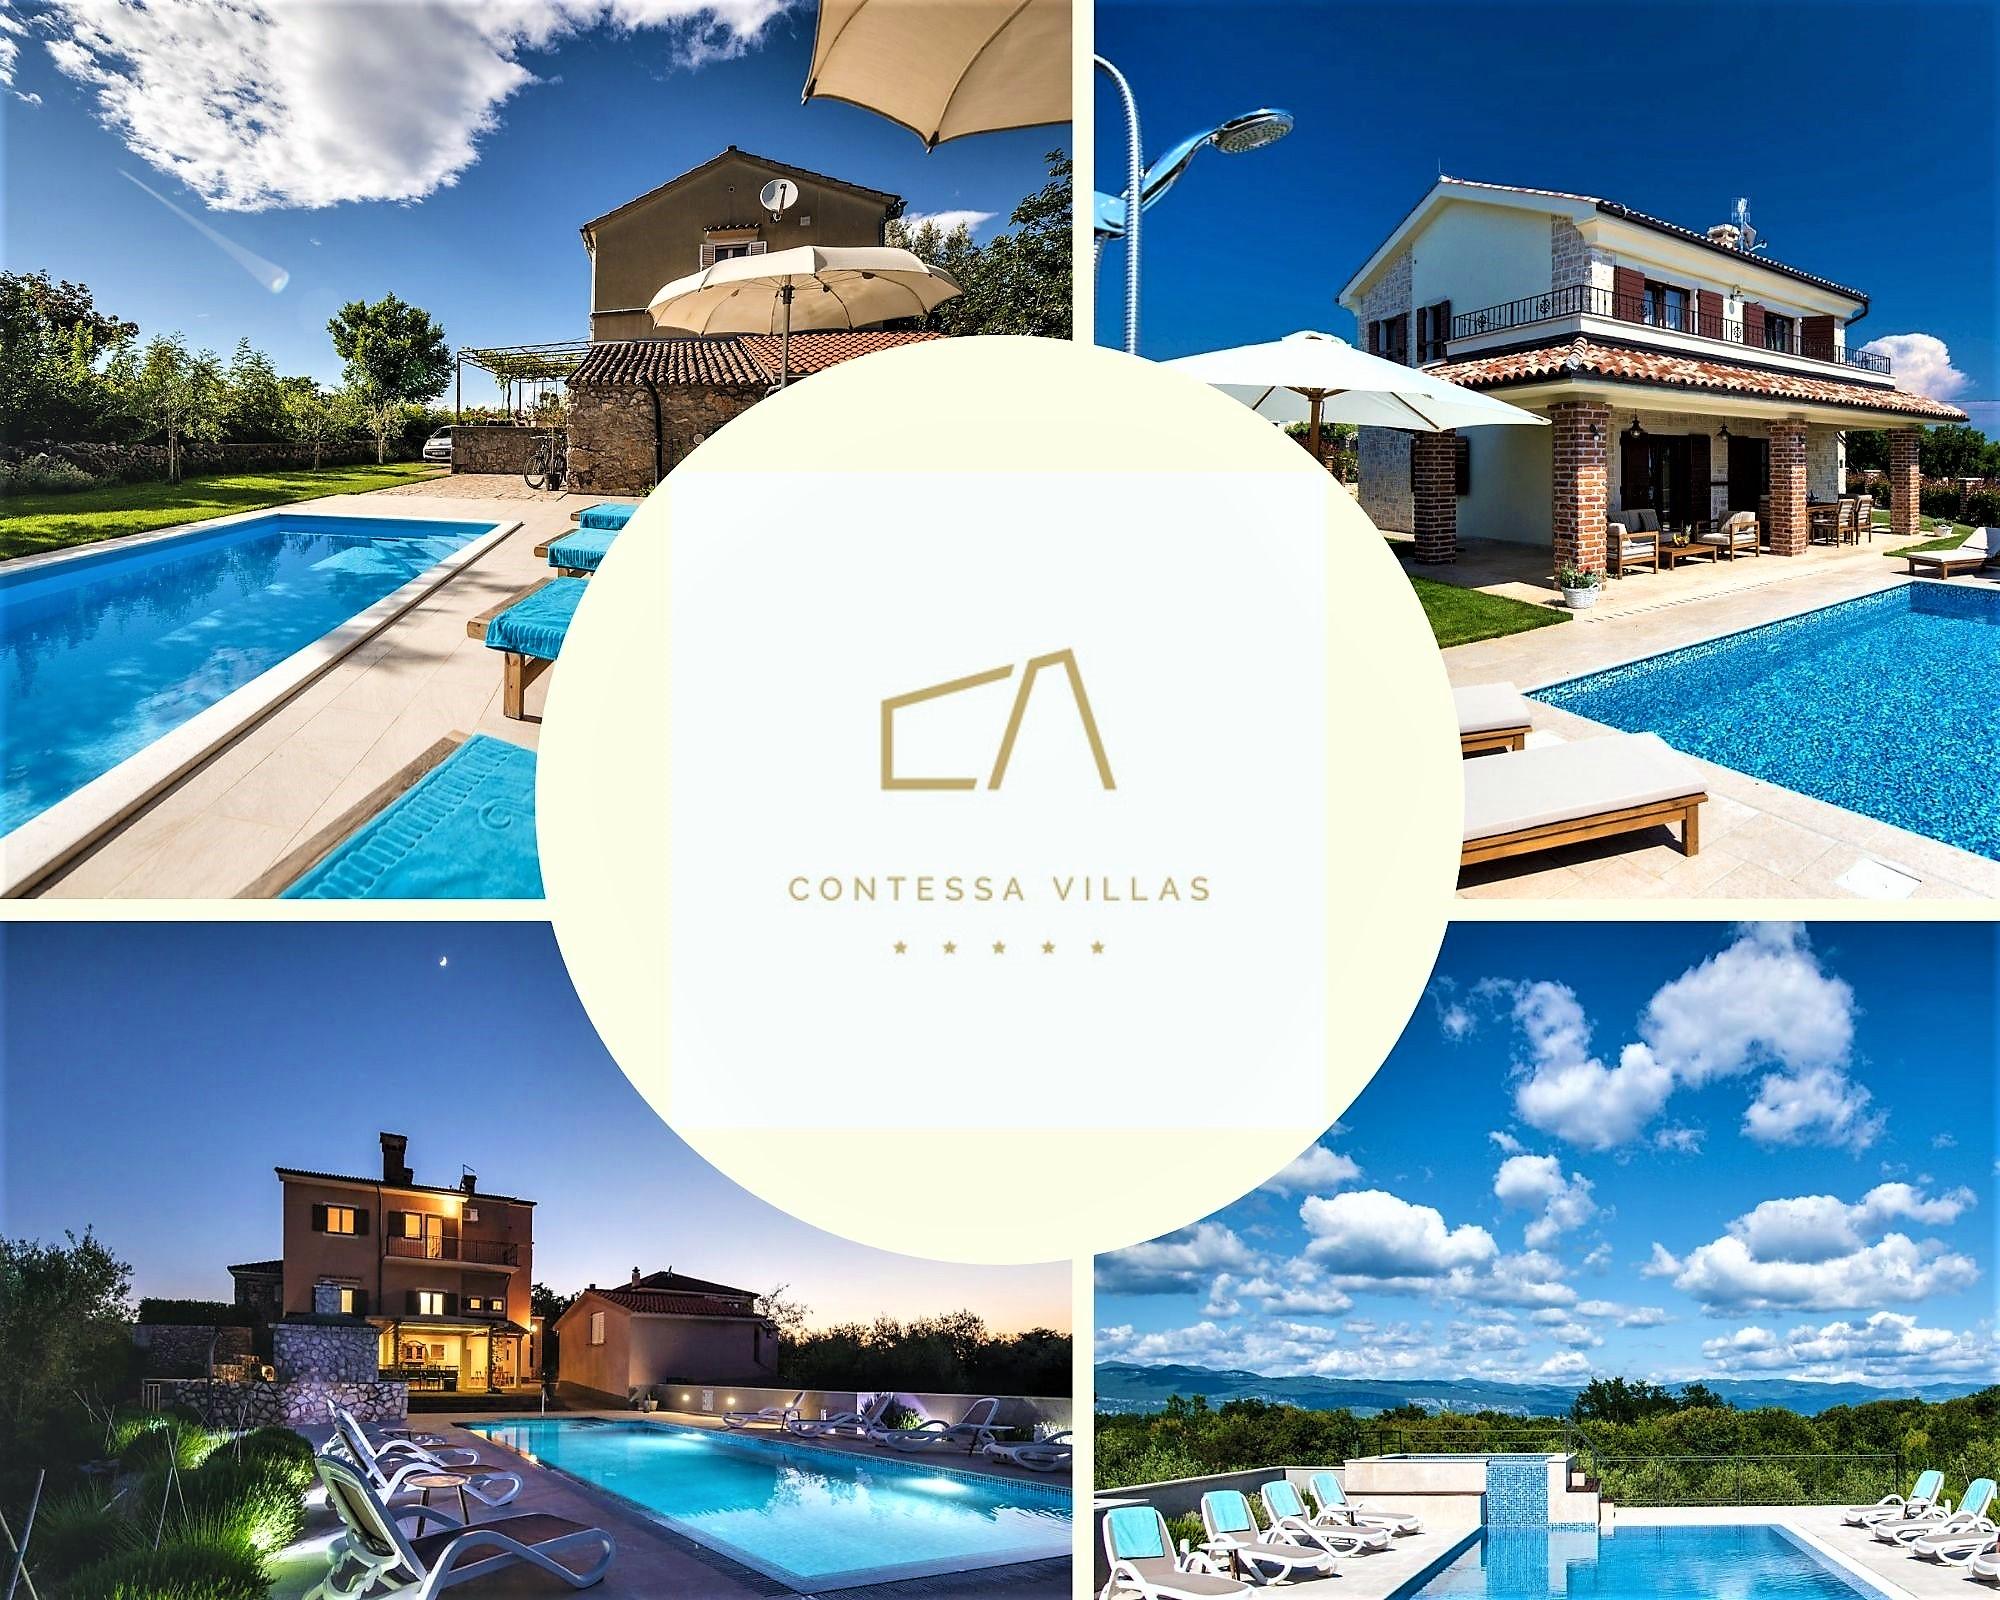 Ukoliko želite jedinstveni, potpuno drugačiji odmor uz more posjetite Contessa Villas